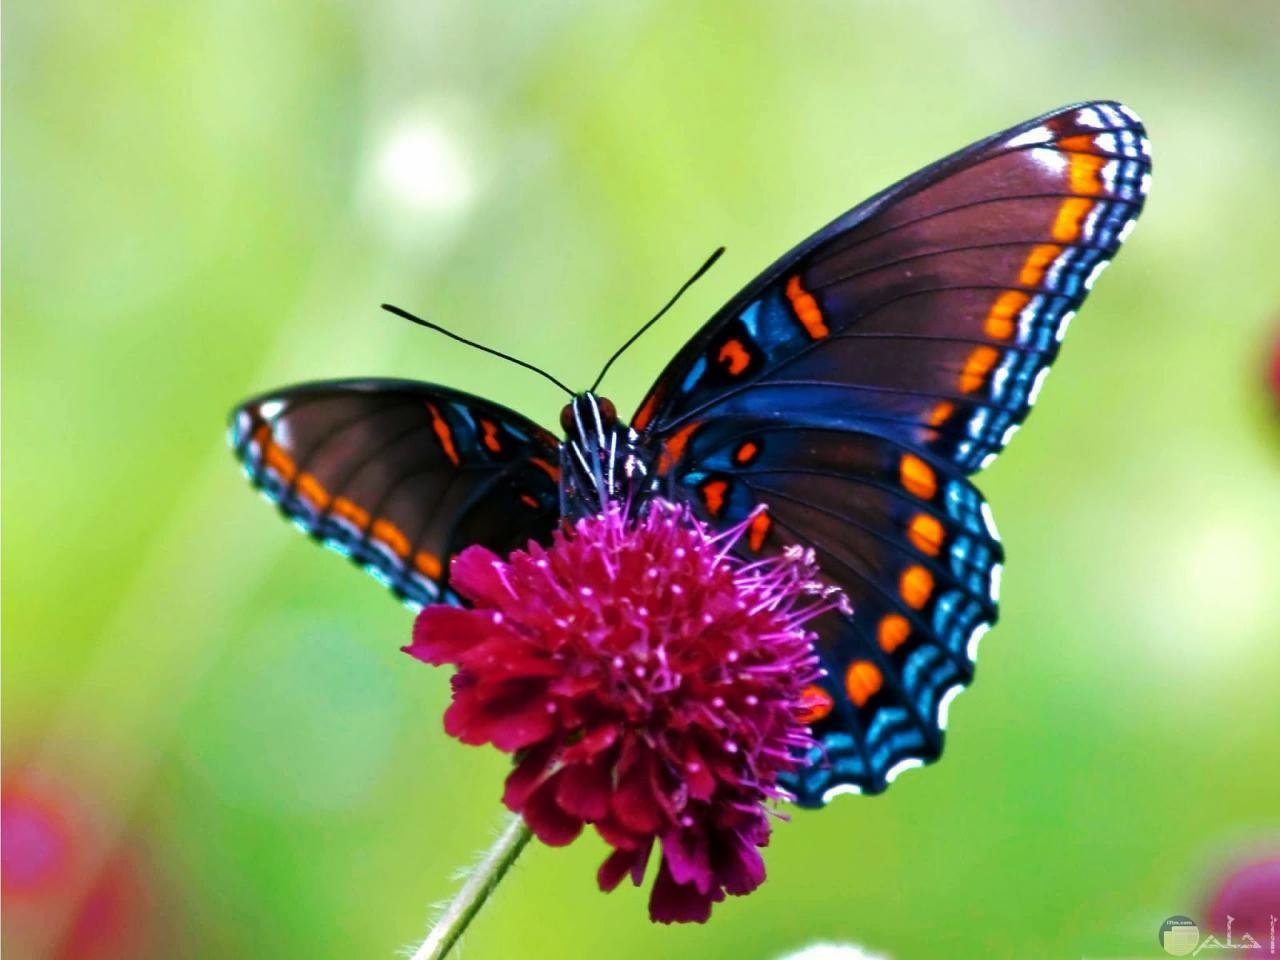 الفراشة الجميلة تداعب الزهر.